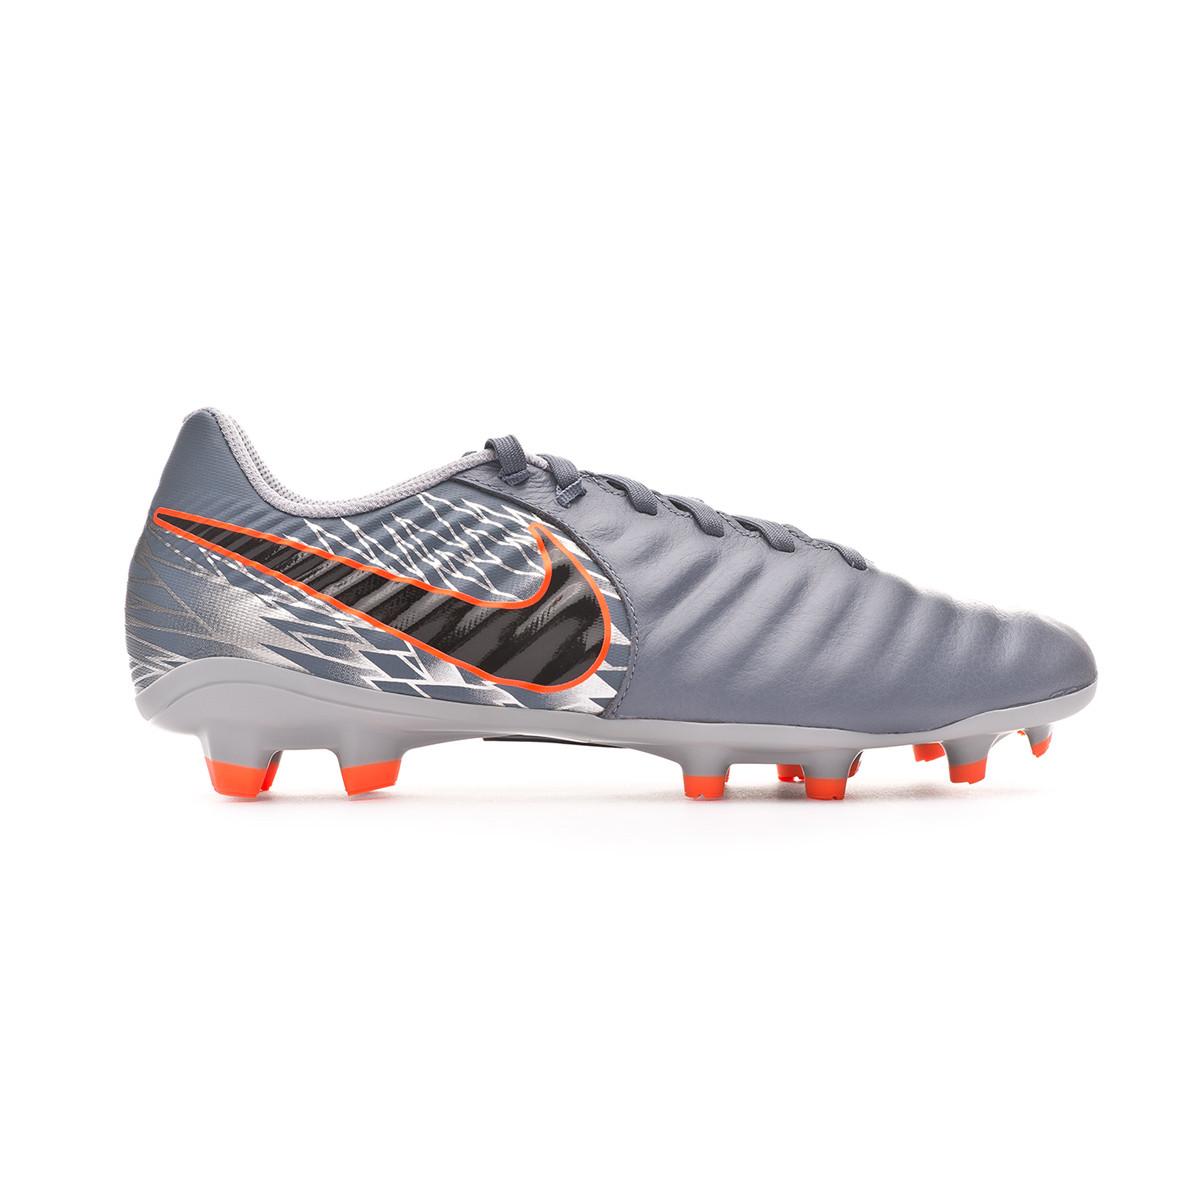 6d2caec71ed Zapatos de fútbol Nike Tiempo Legend VII Academy FG Armory blue-Black-Hyper  crimson - Tienda de fútbol Fútbol Emotion